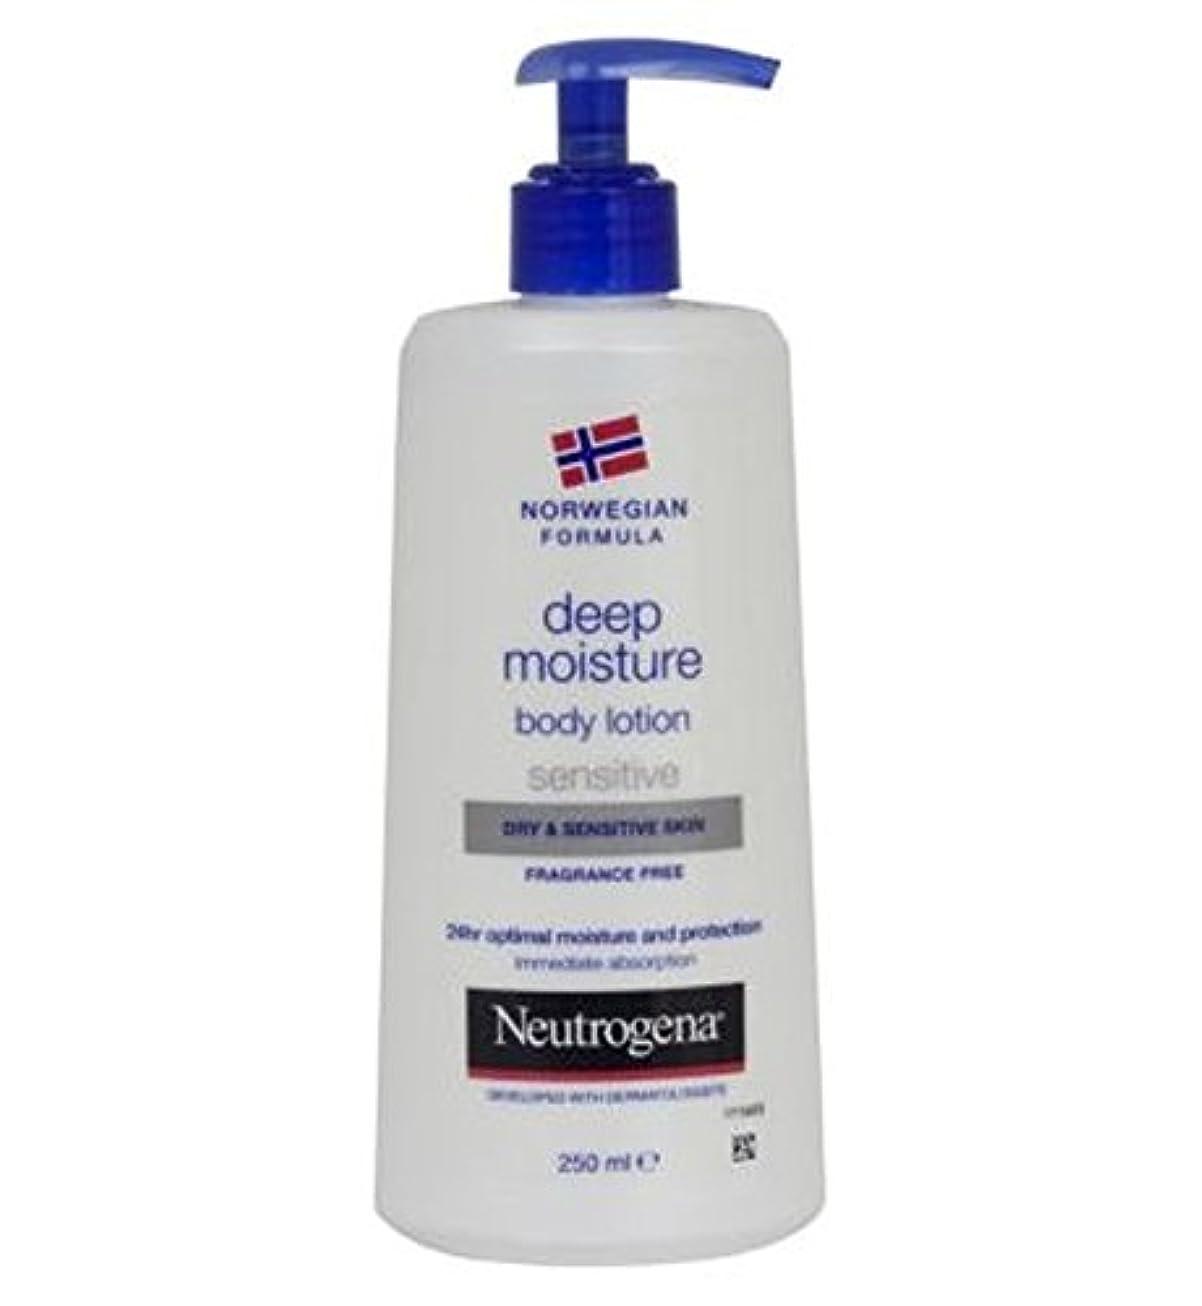 バーゲン修士号連邦ドライ&敏感肌用250ミリリットルのための高感度ニュートロジーナノルウェー式深いMoistuireボディローション (Vichy) (x2) - Neutrogena Norwegian Formula Deep Moistuire Body Lotion Sensitive For Dry & Sensitive Skin 250ml (Pack of 2) [並行輸入品]